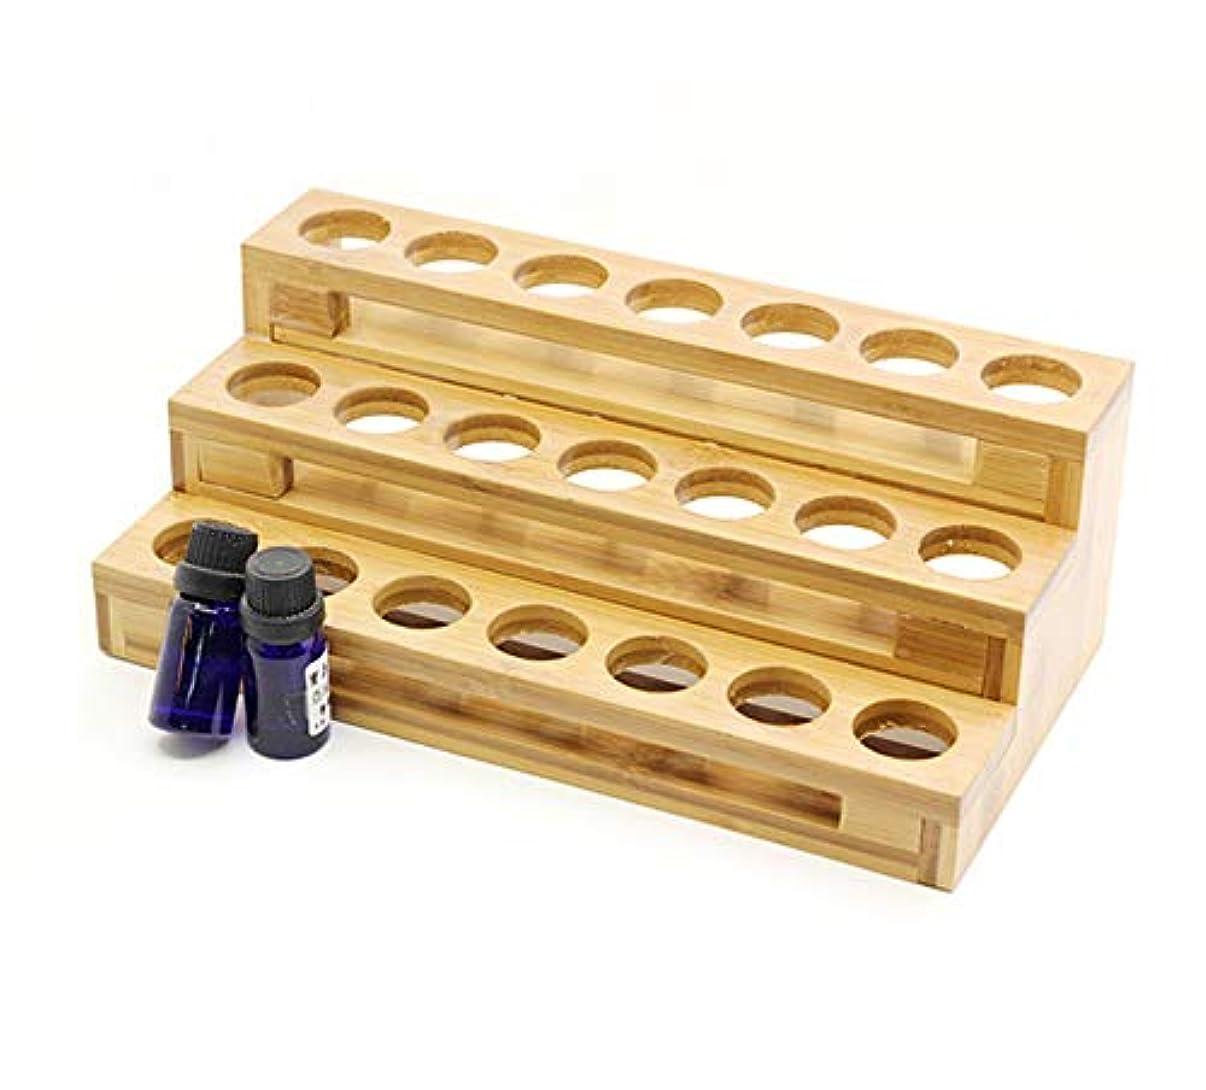 圧倒的より良い帰するエッセンシャルオイル収納ボックス エッセンシャルオイル香水コレクションディスプレイスタンド 18本用 木製エッセンシャルオイルボックス メイクポーチ 精油収納ケース 携帯用 自然ウッド精油収納ボックス 香水収納ケース